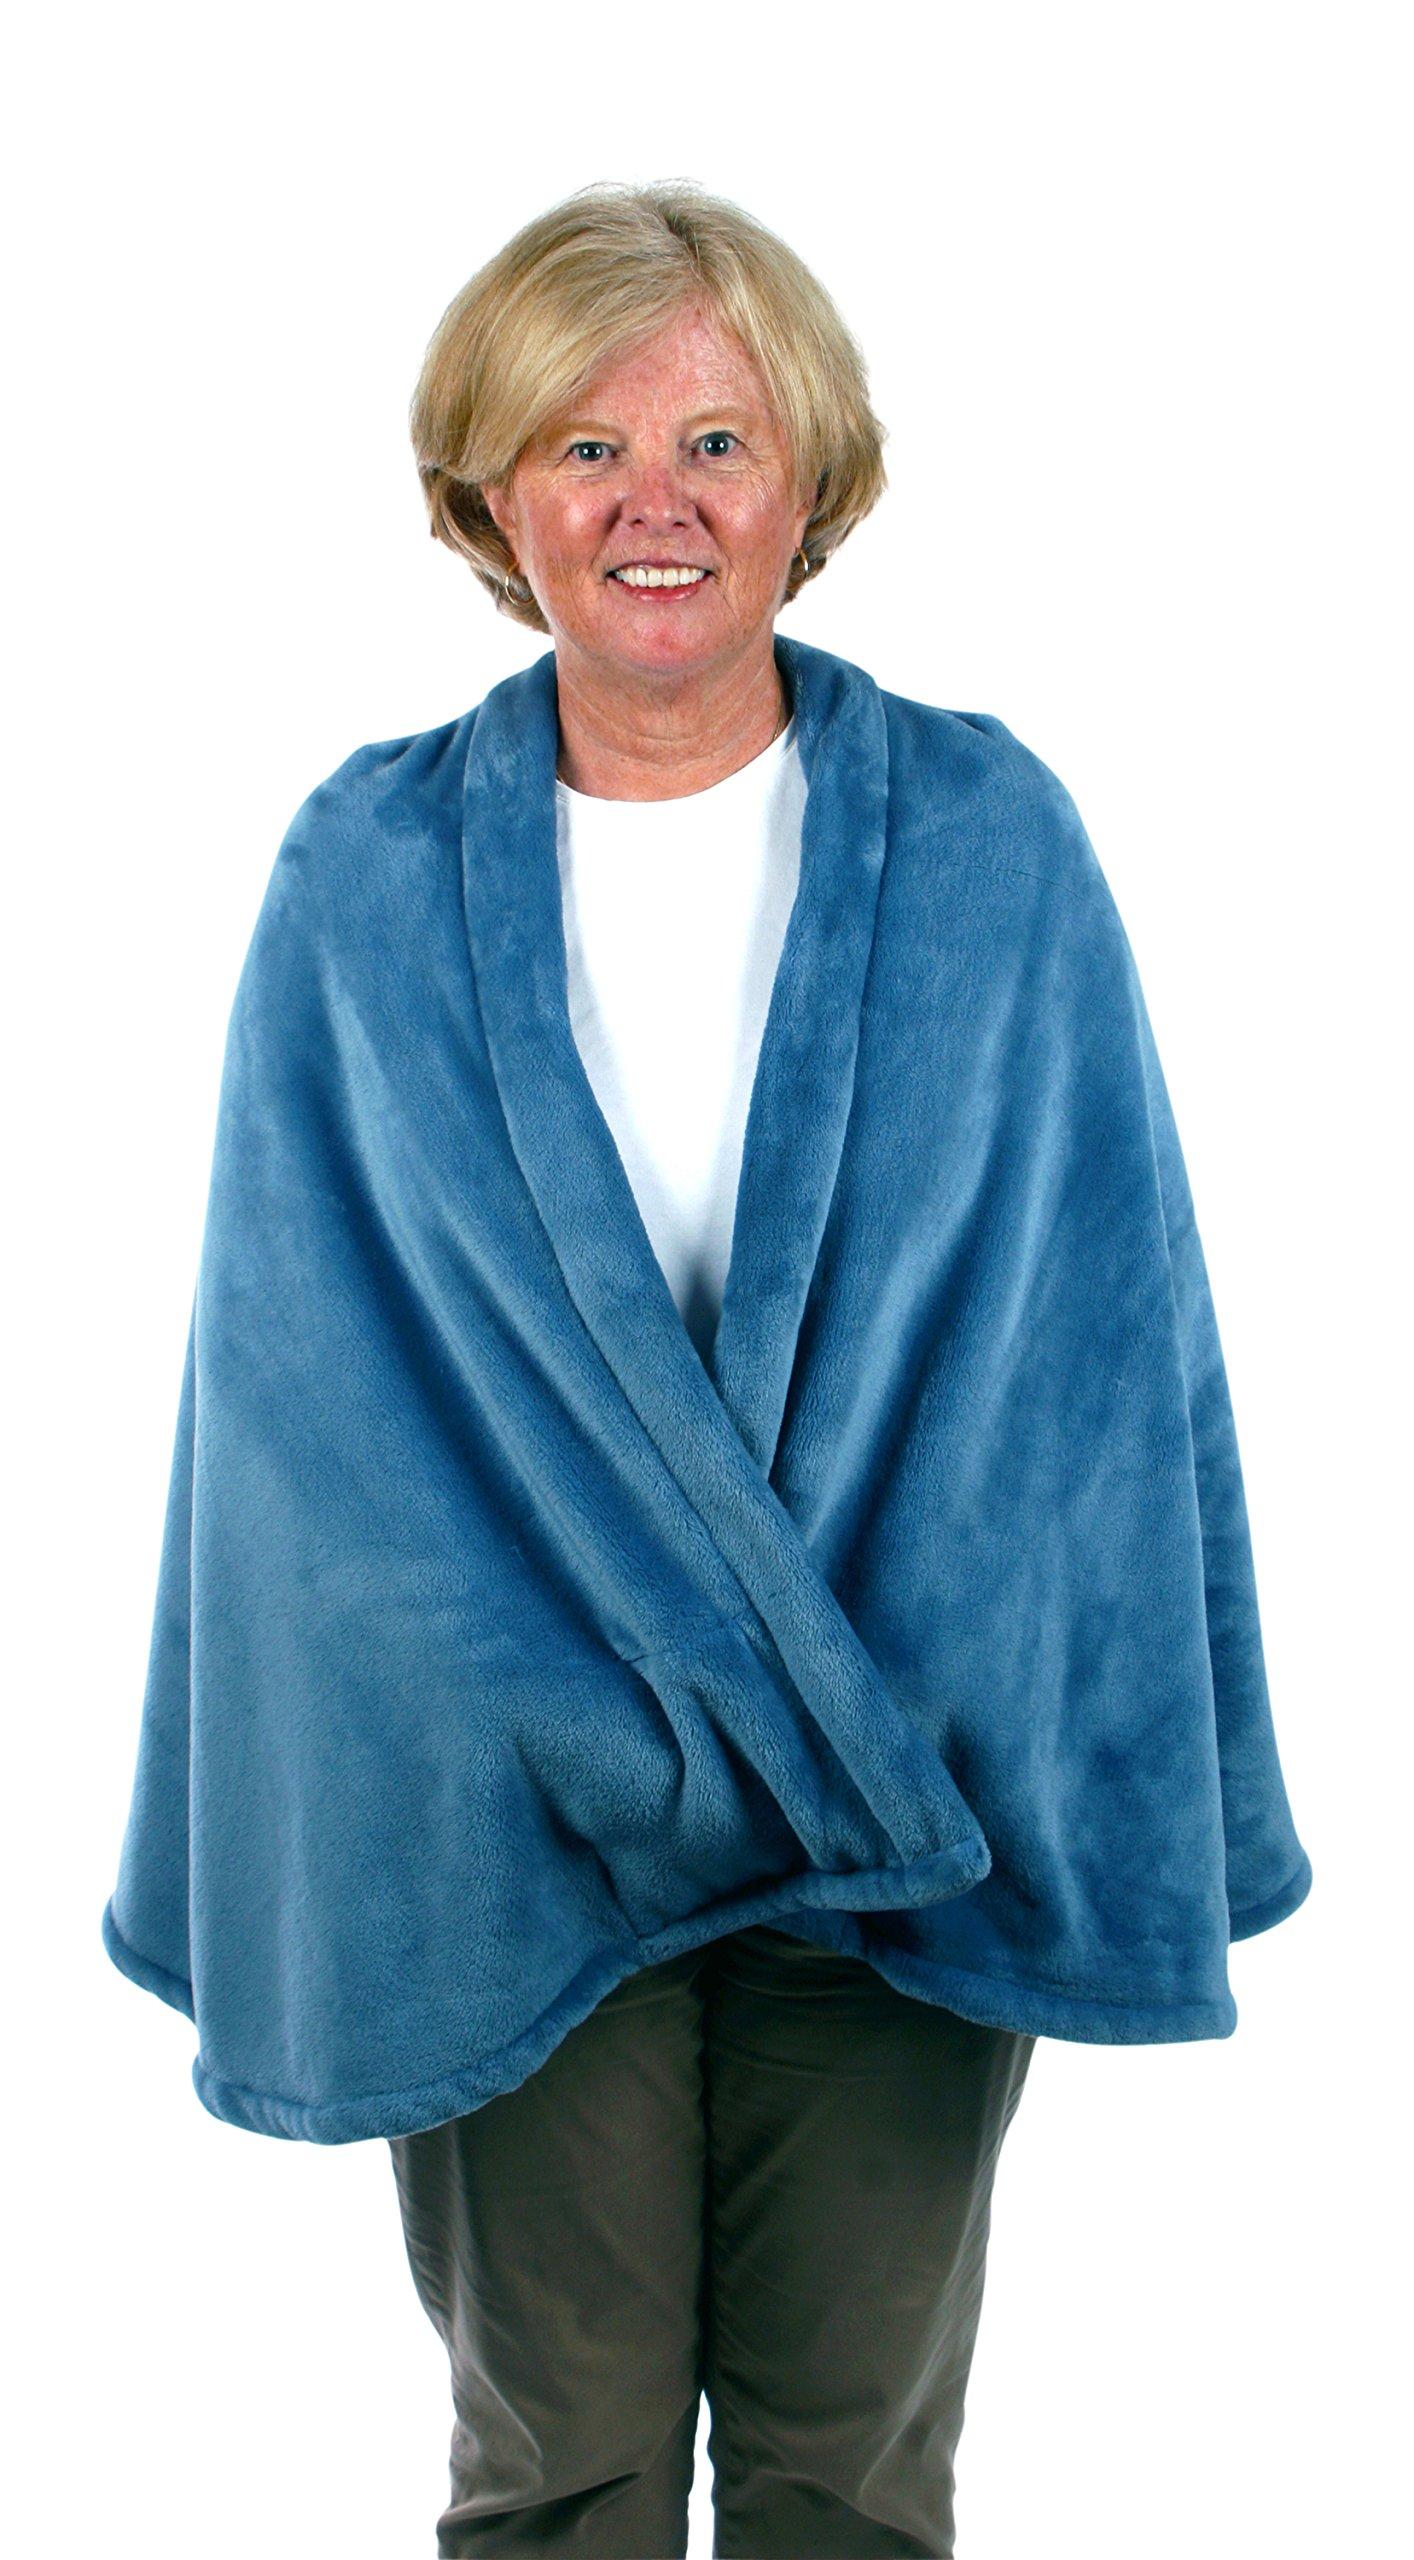 Granny Jo Products Unisex-Adults Fleece Cape-wedgwood Blue, Wedgewood Blue, Large/Extra Large